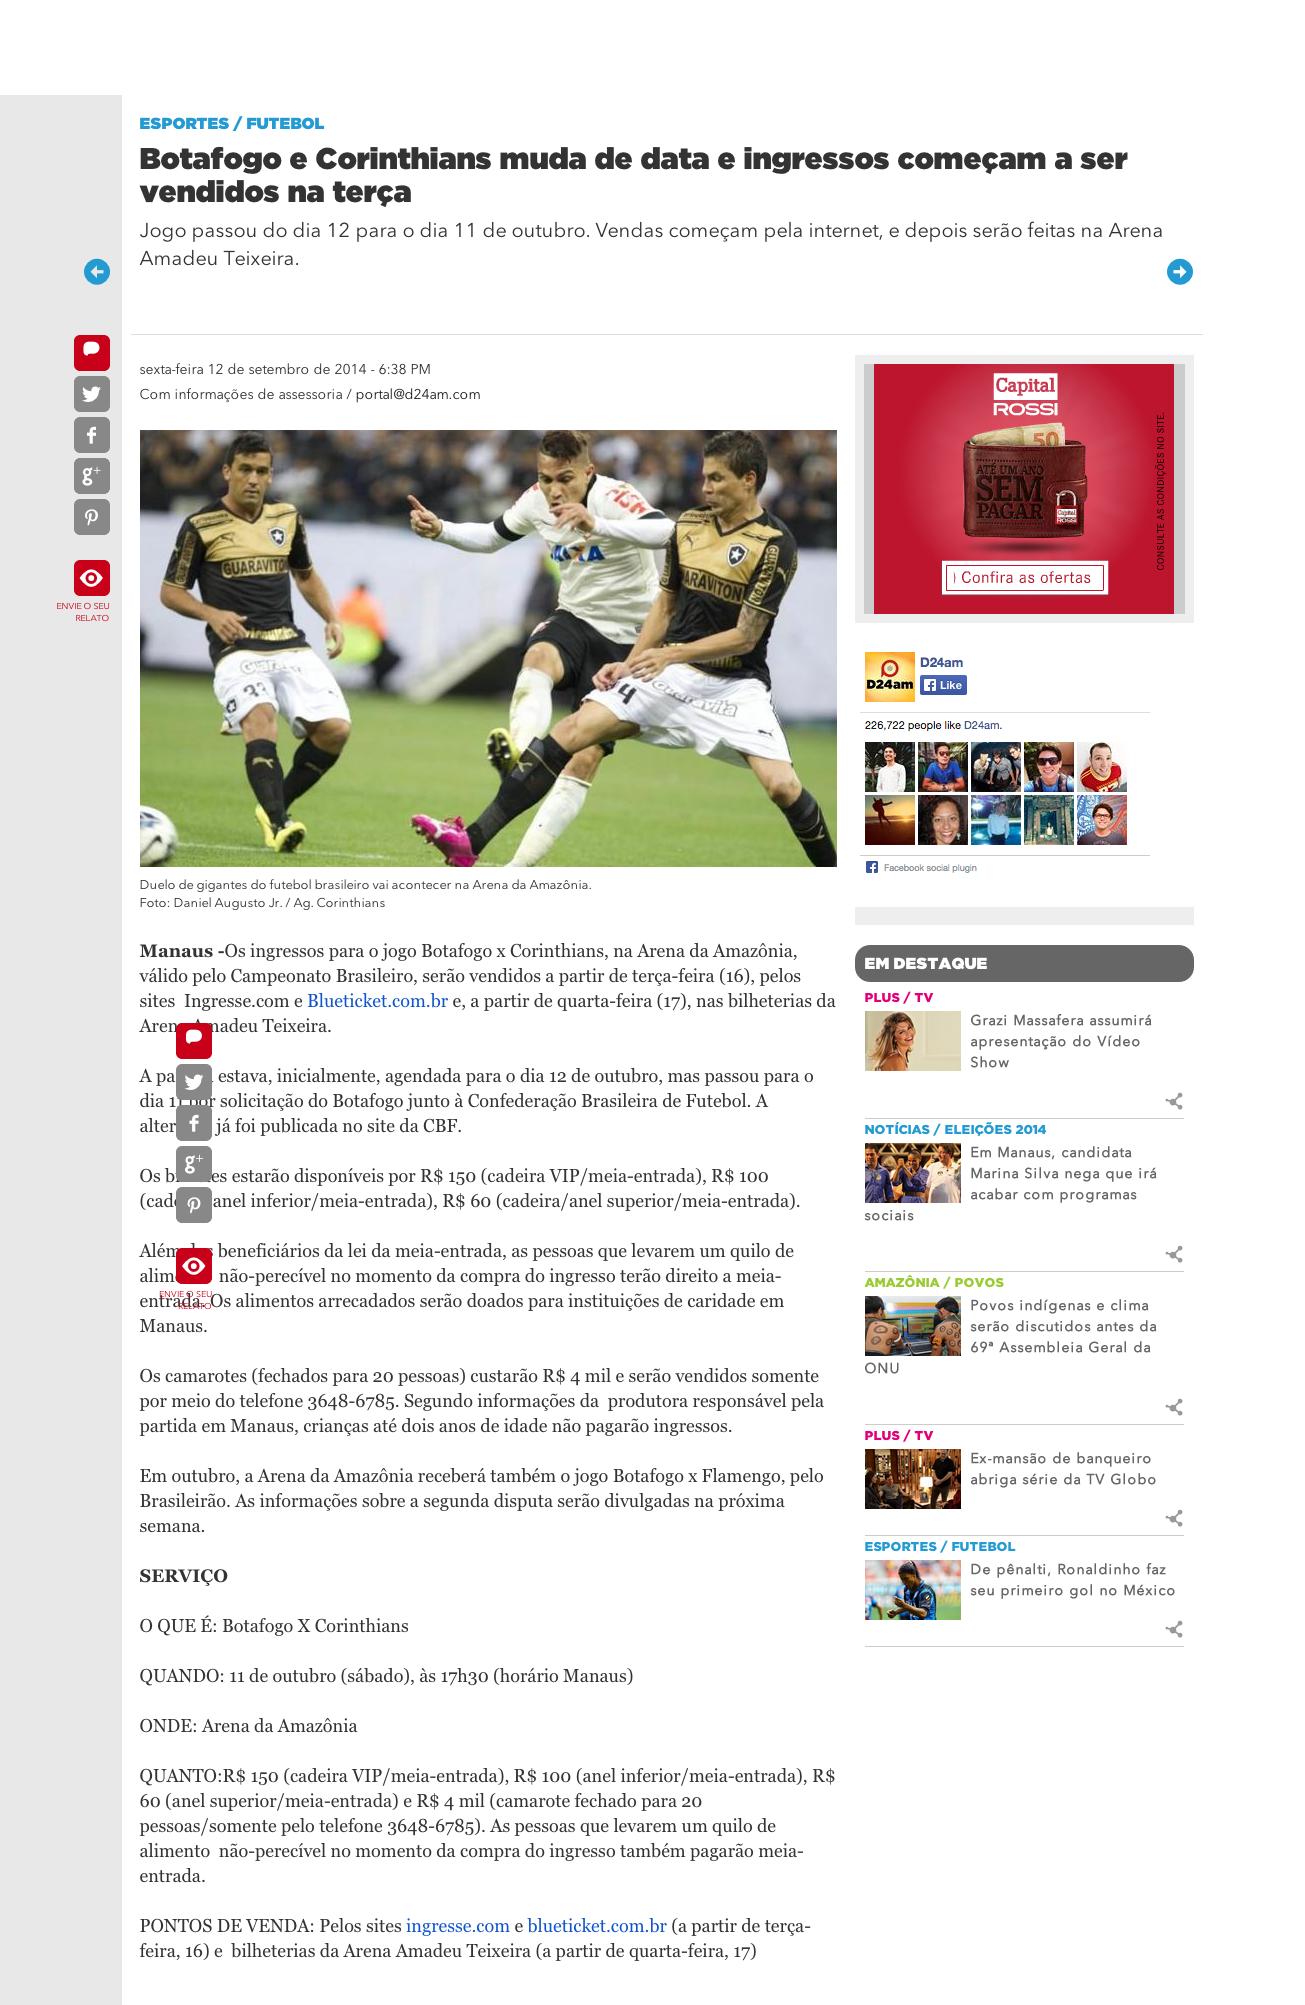 Botafogo e Corinthians muda de data e ingressos começam a ser vendidos na terça